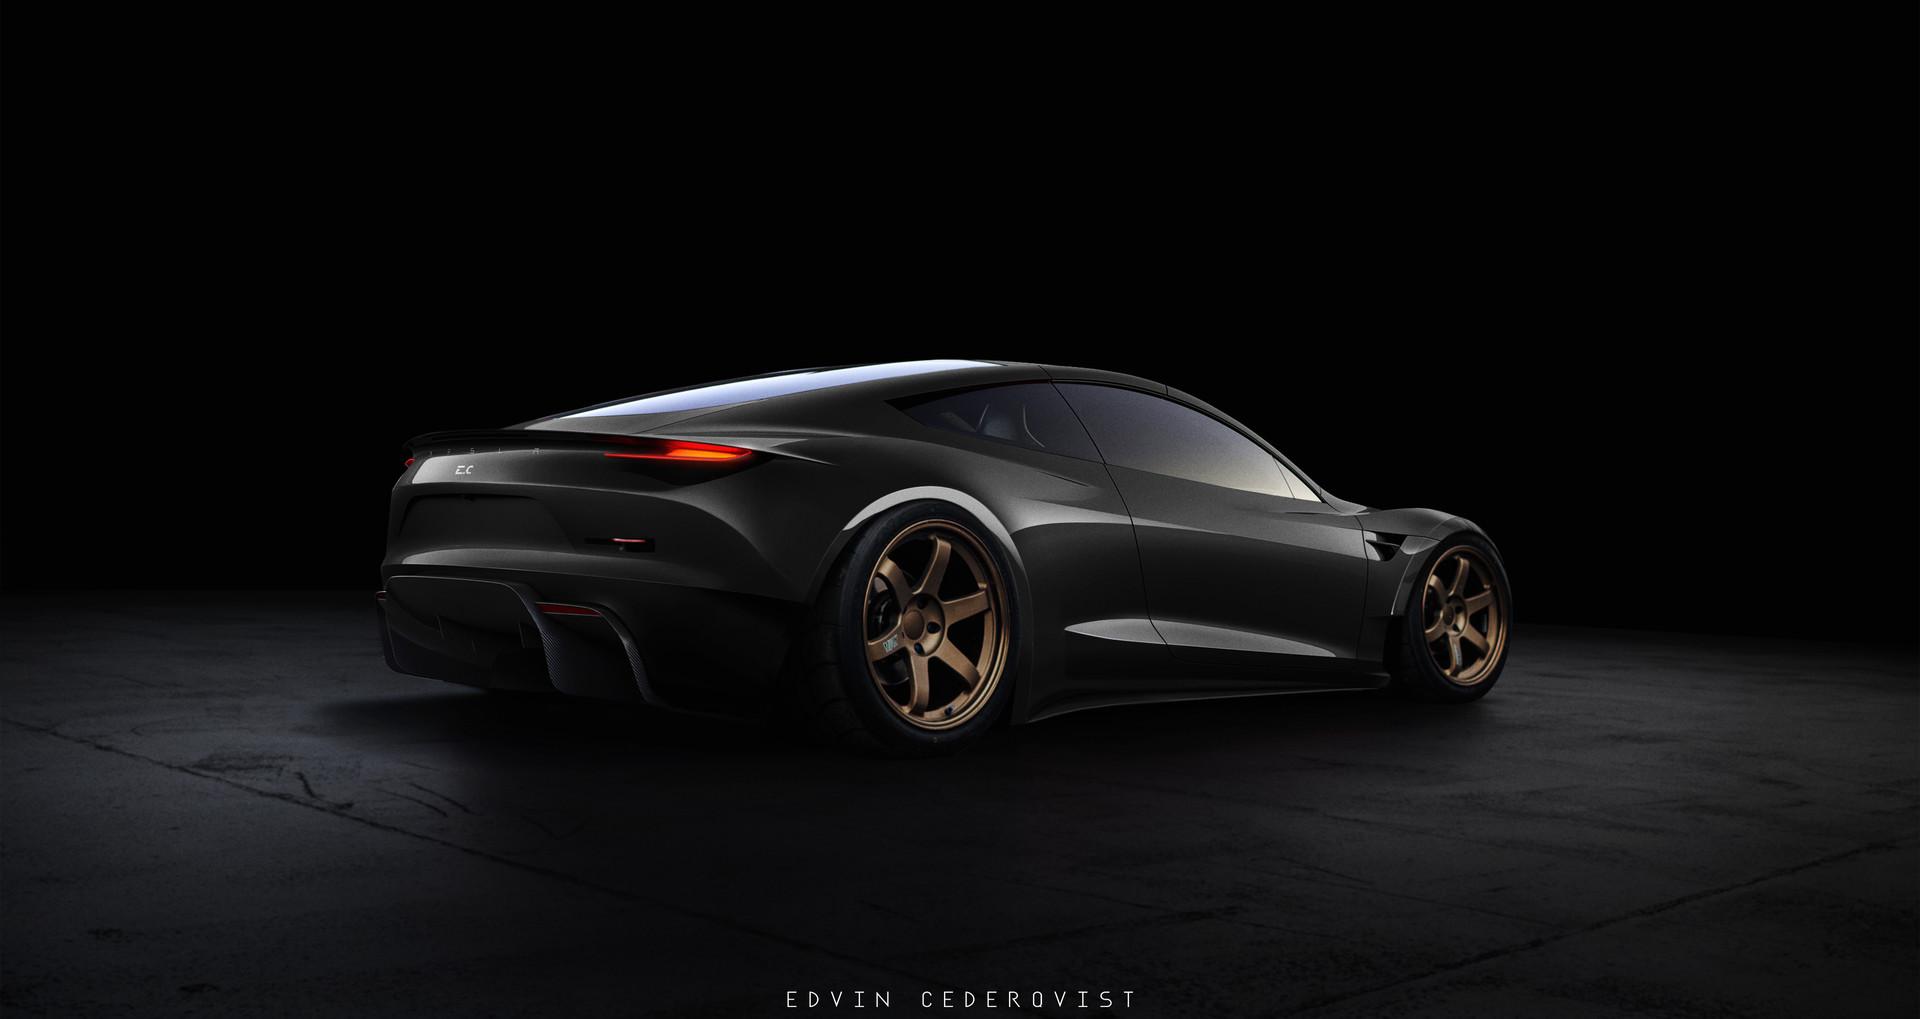 2020 Tesla Roadster >> Edvin Cederqvist Tesla Roadster 2020